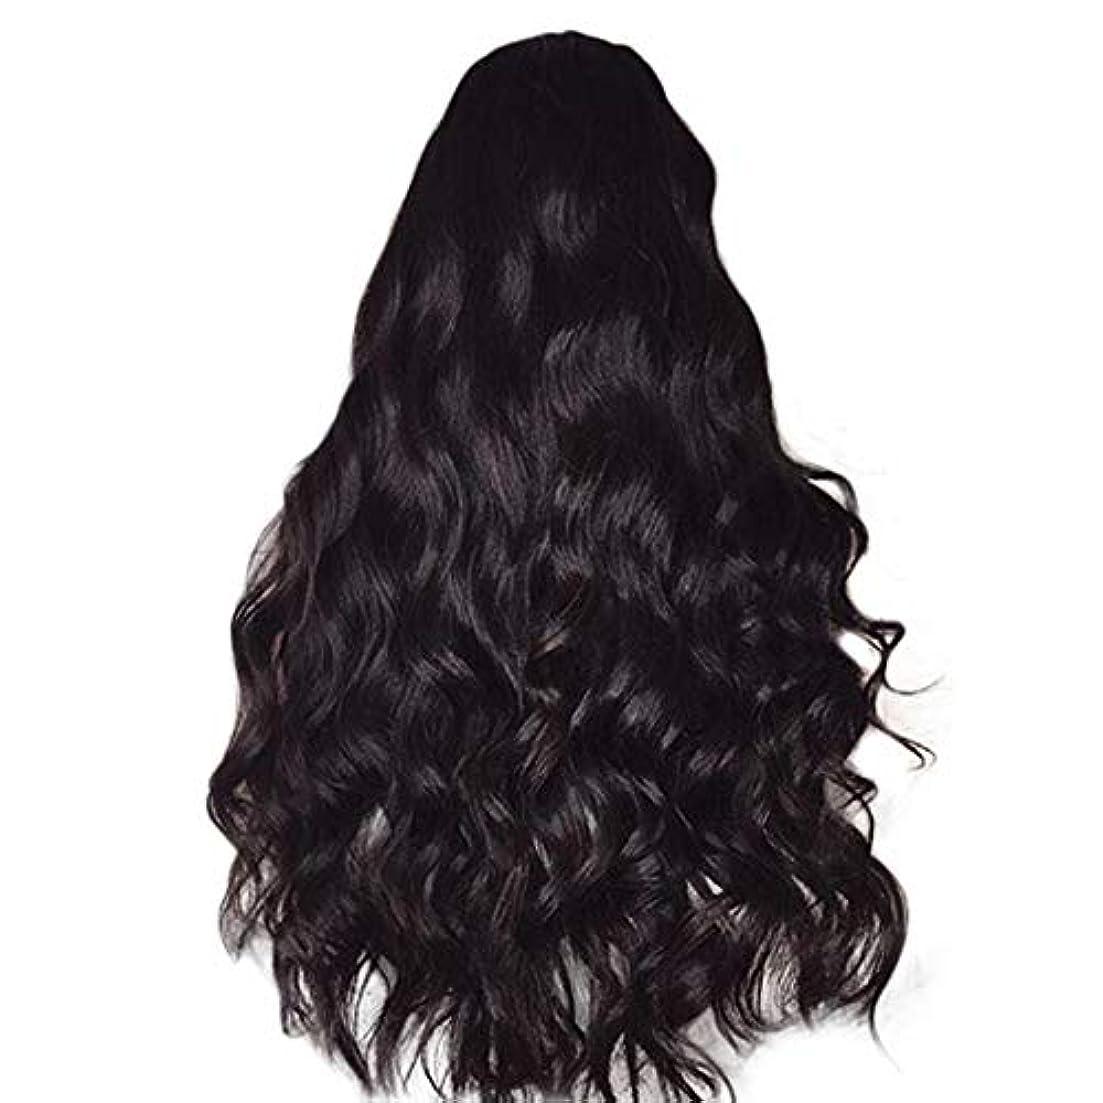 クリーム解釈的住居女性のかつら長い巻き毛黒ふわふわビッグウェーブウィッグ65 cm